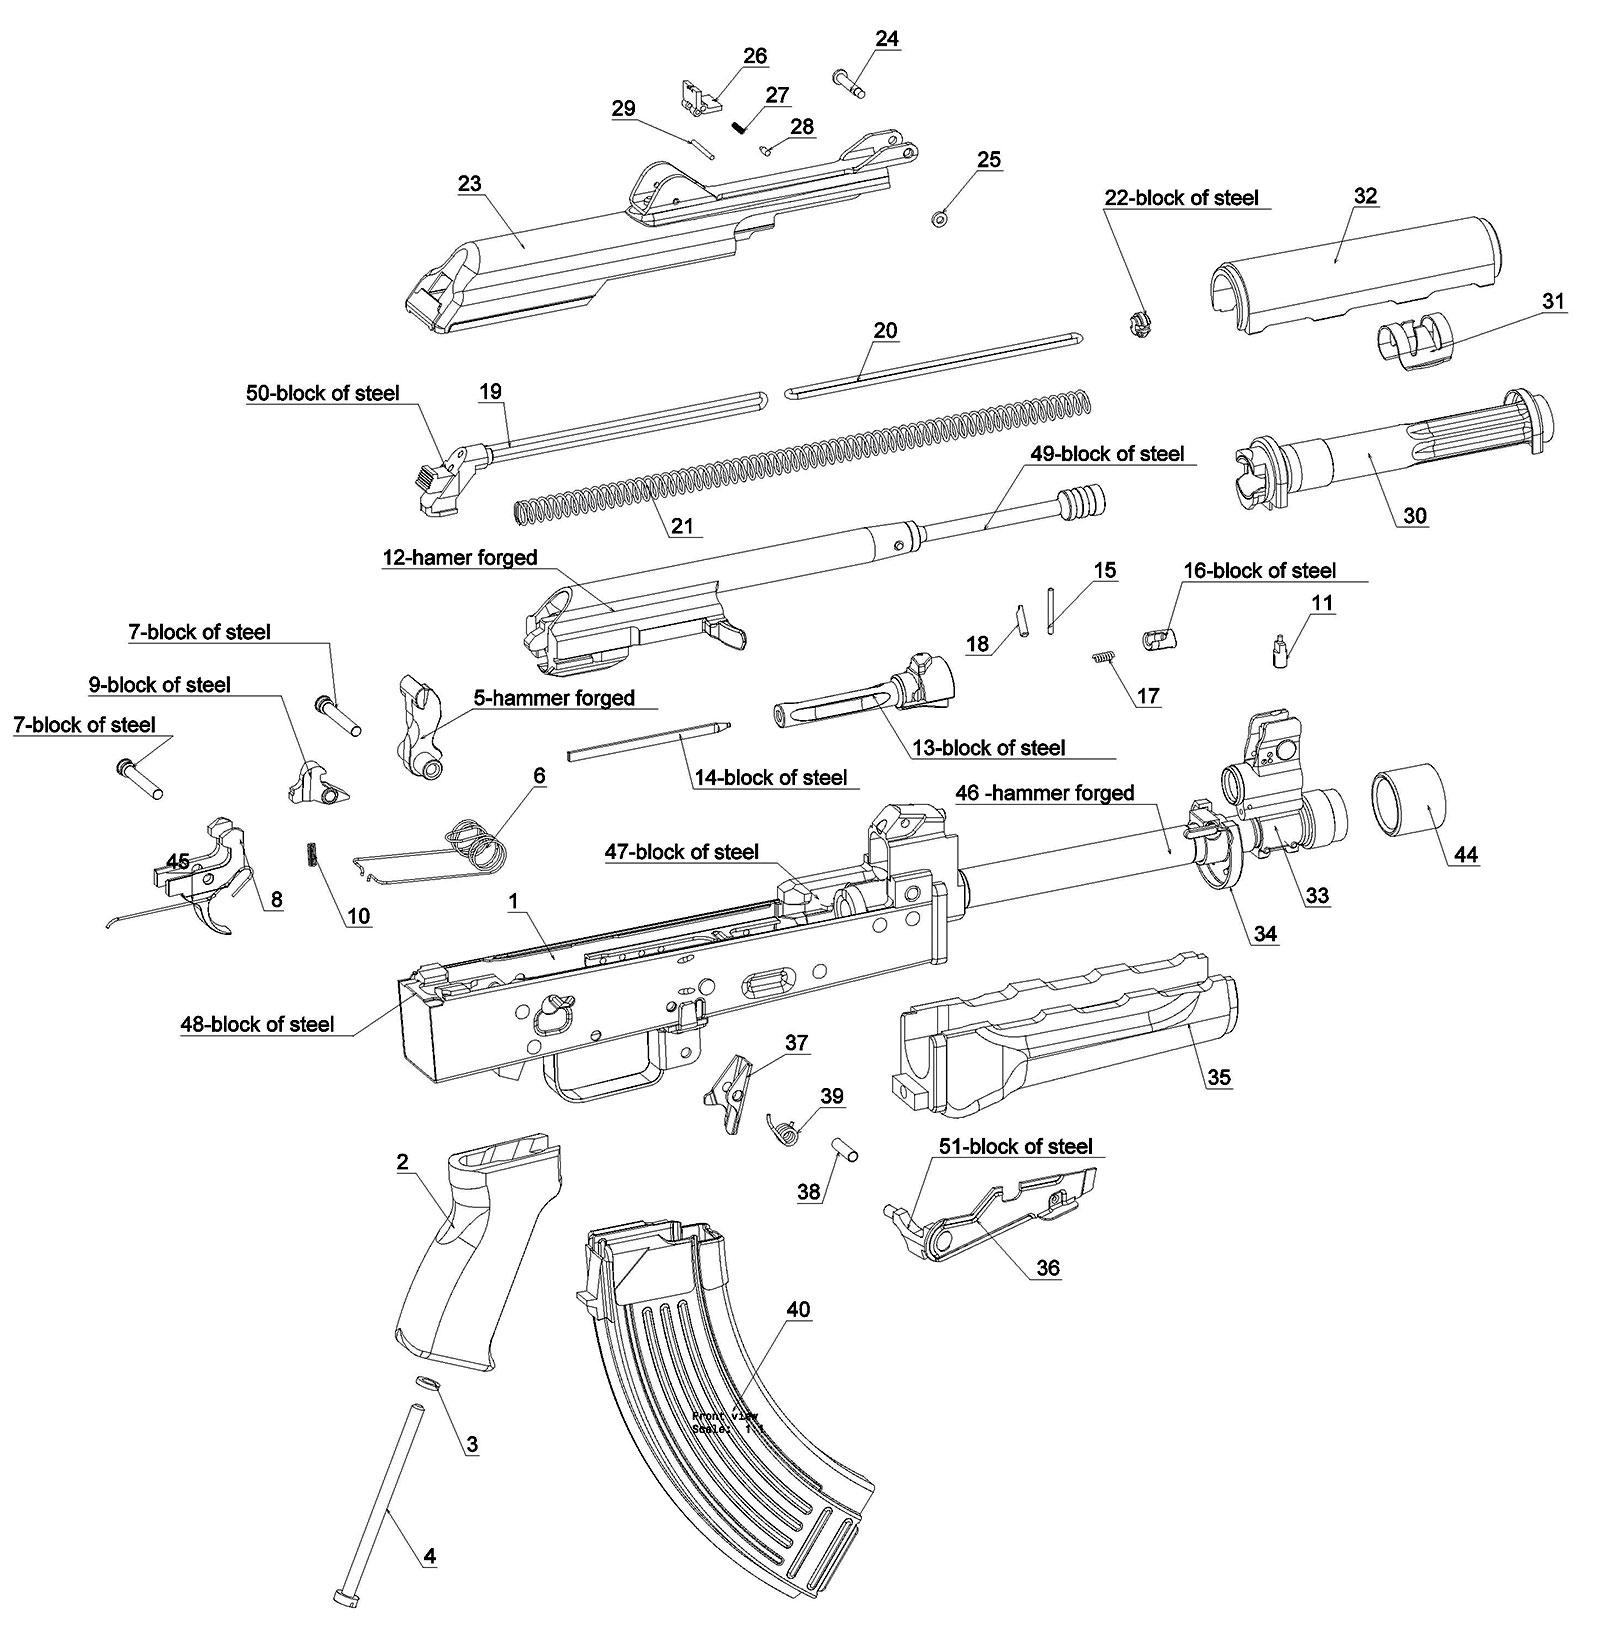 Pistol ZPAP 92 – parts